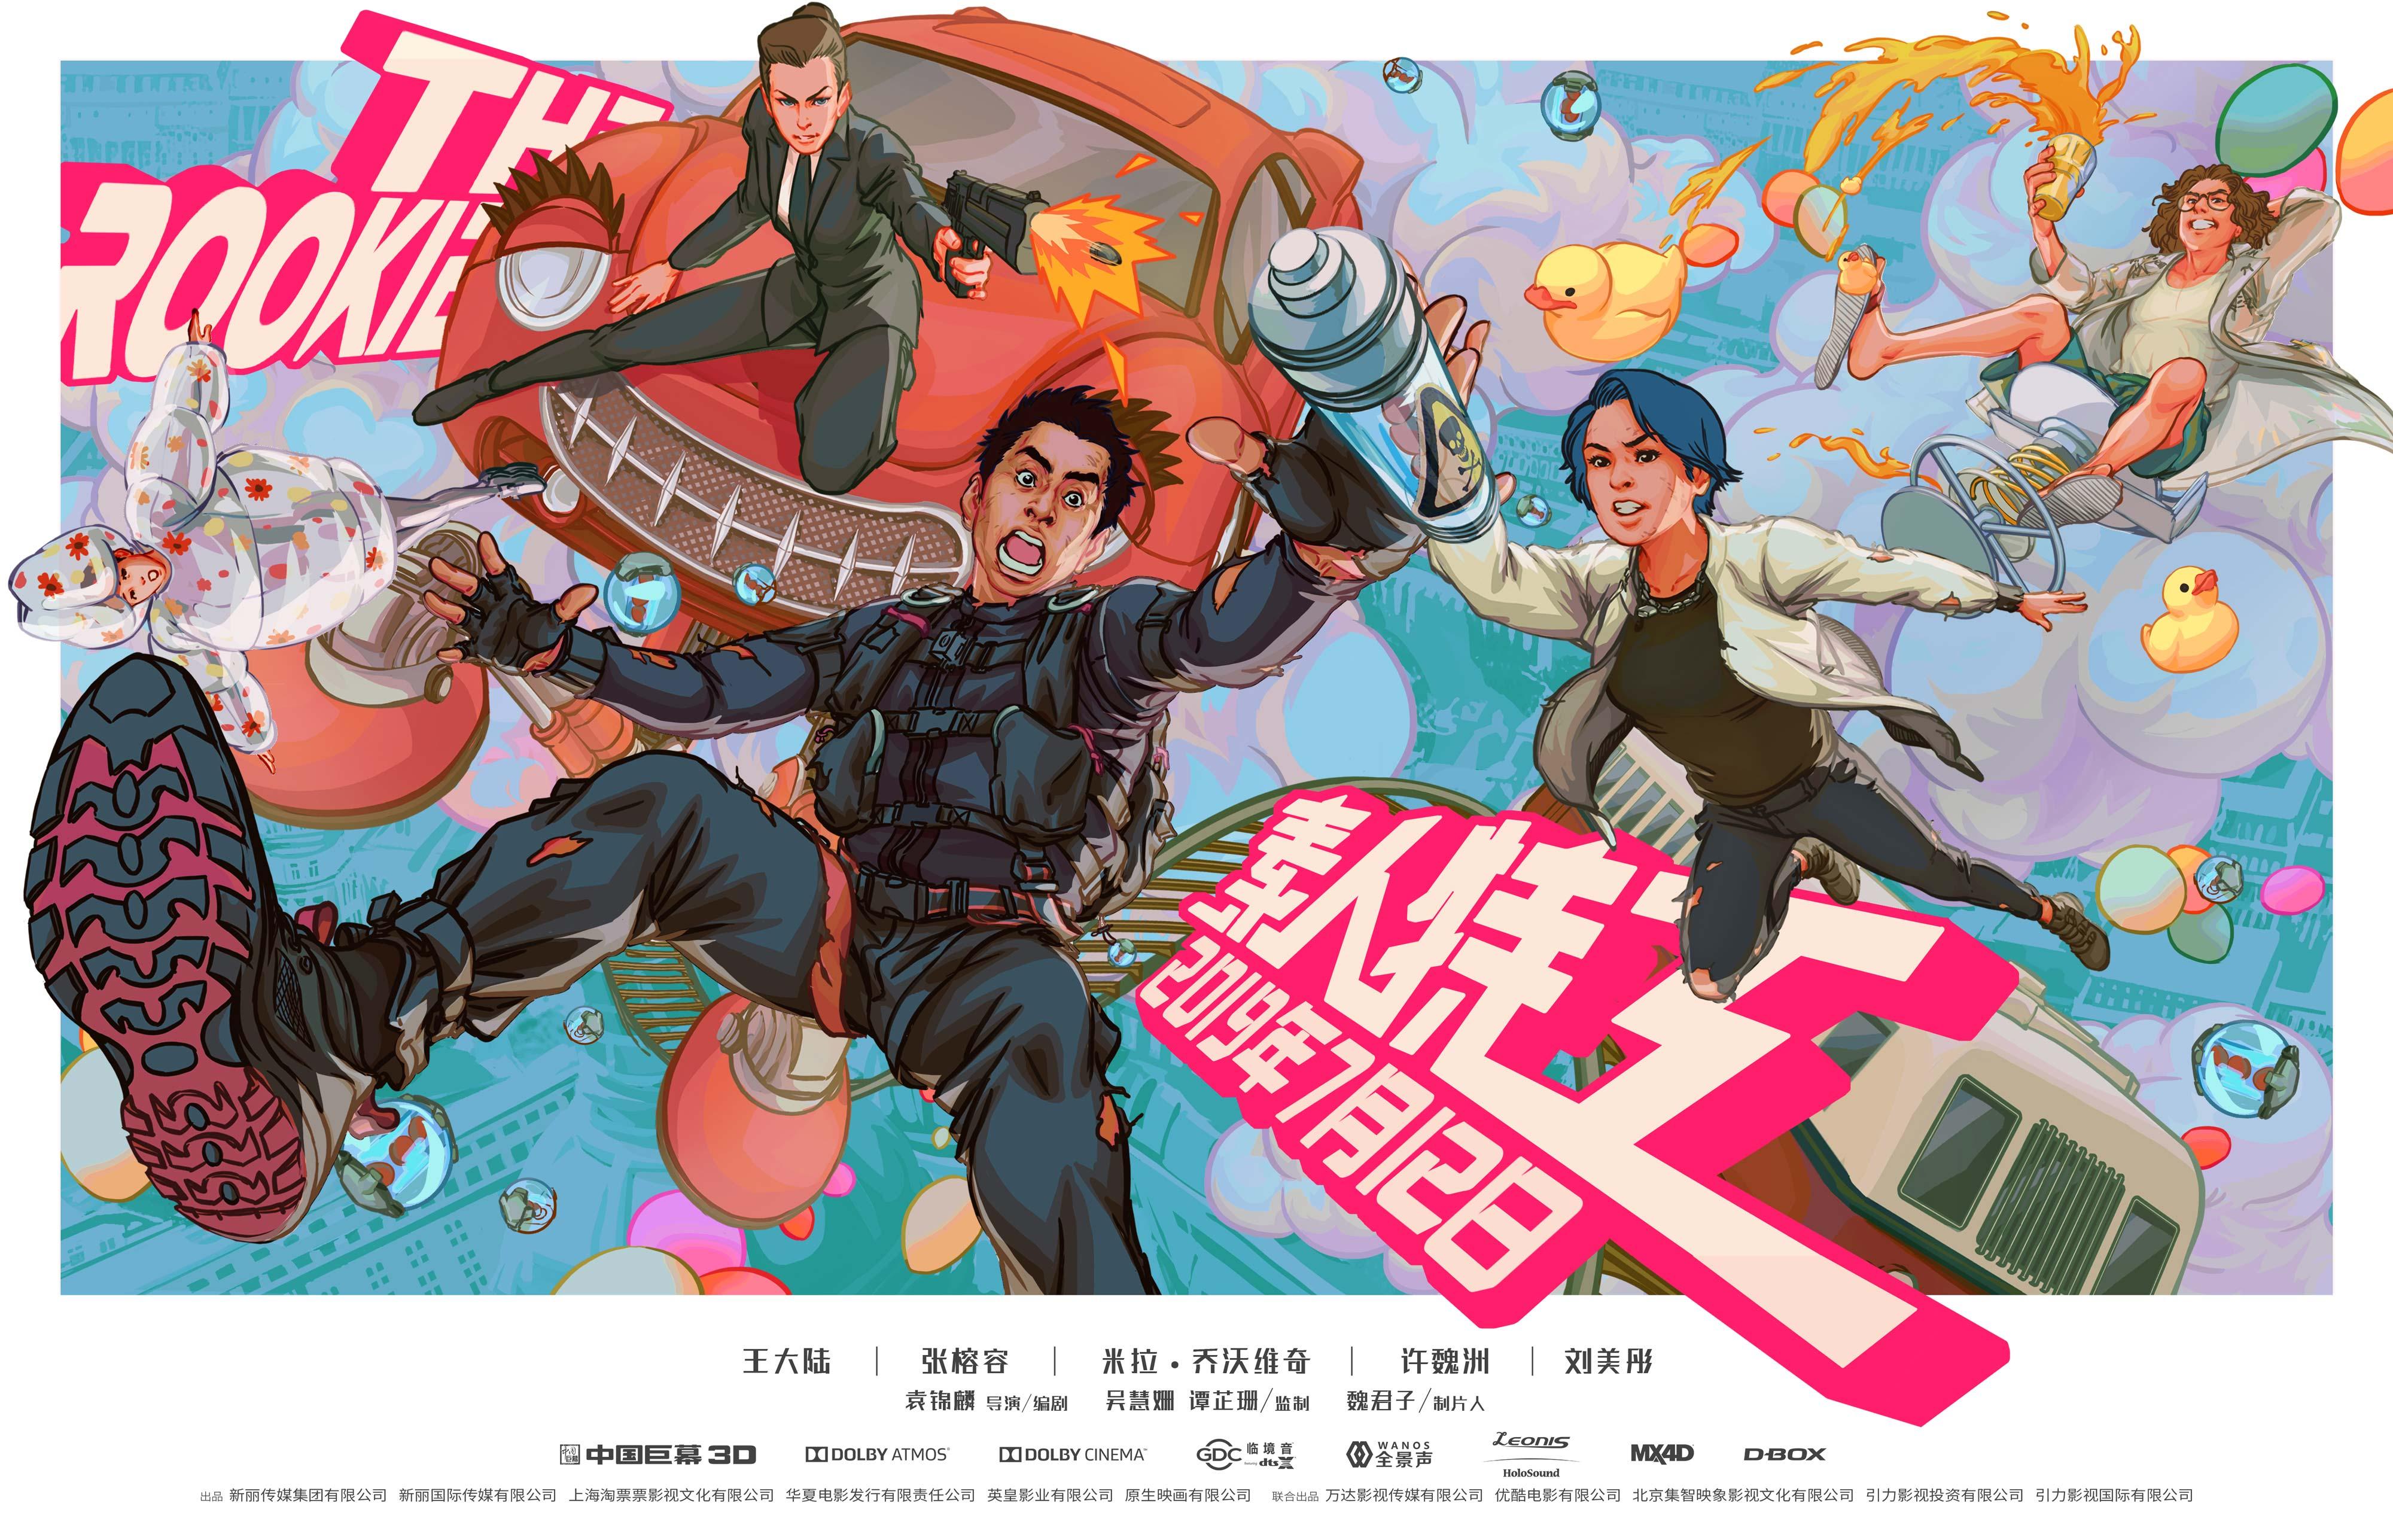 电影《素人特工》手绘海报